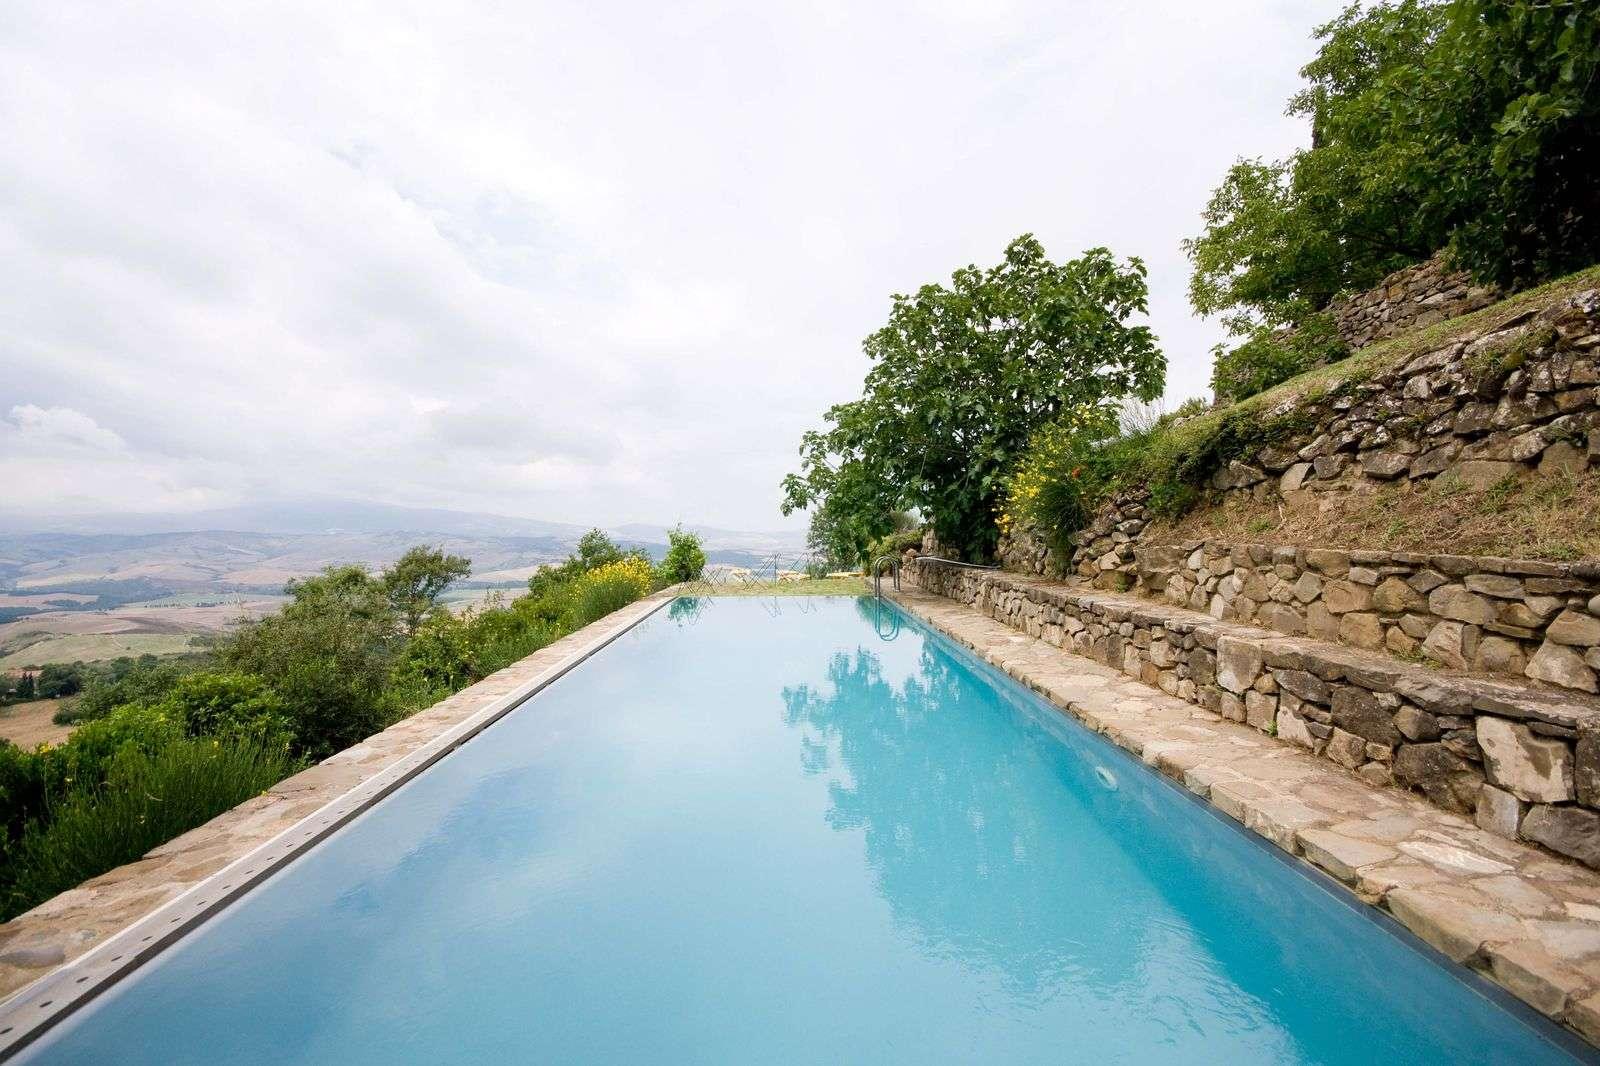 Luxury vacation rentals europe - Italy - Tuscany - Val dorcia - Villa Platea - Image 1/13